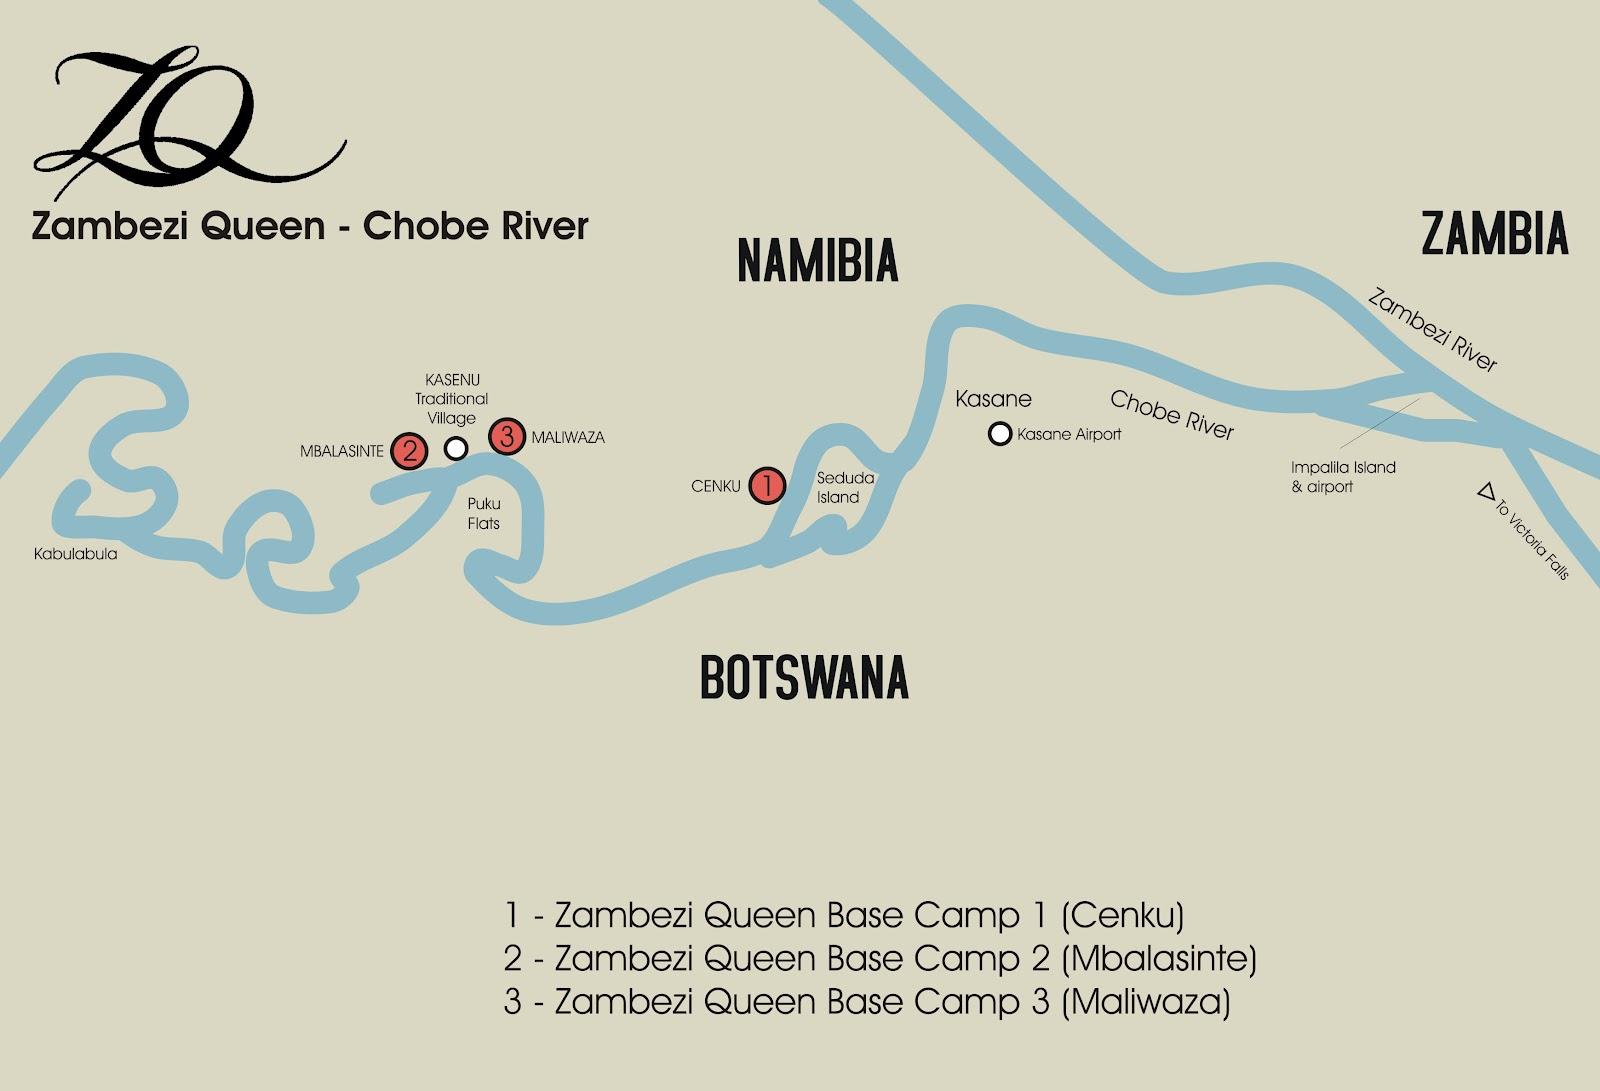 Handeyi Africa Adventures Zambezi Queen Chobe Botswana